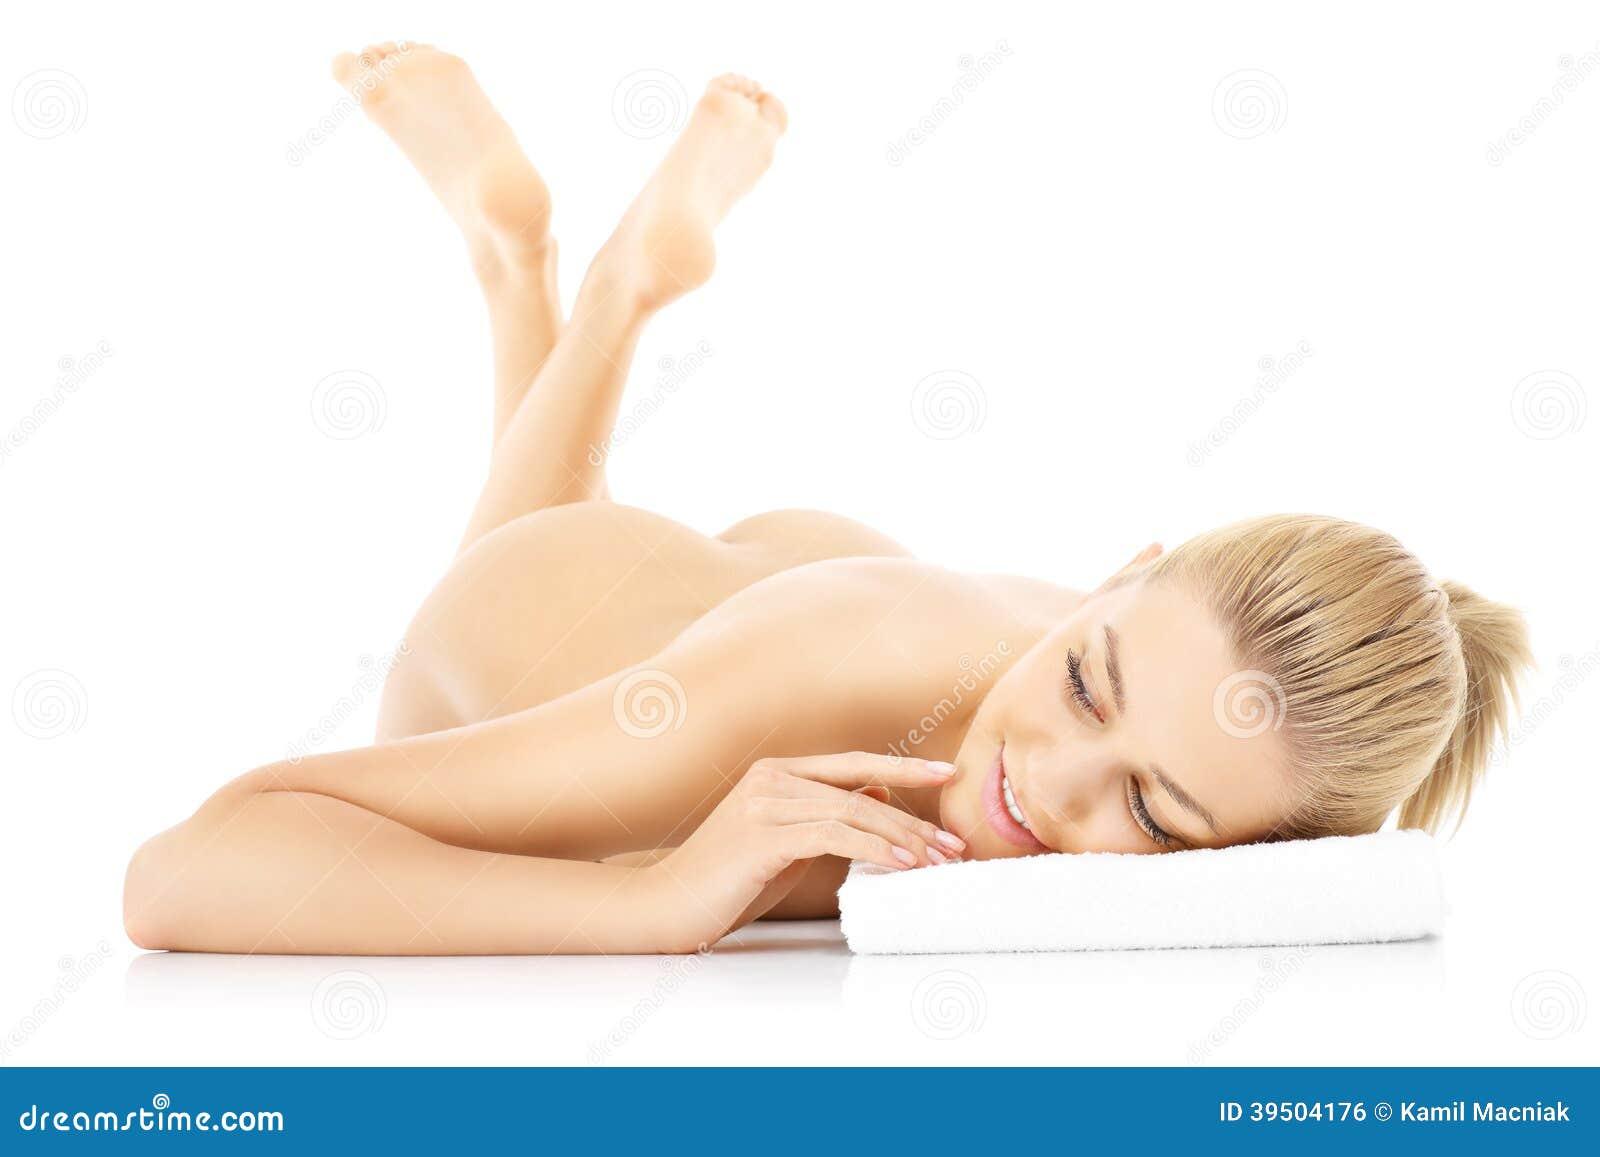 Sensual naked woman